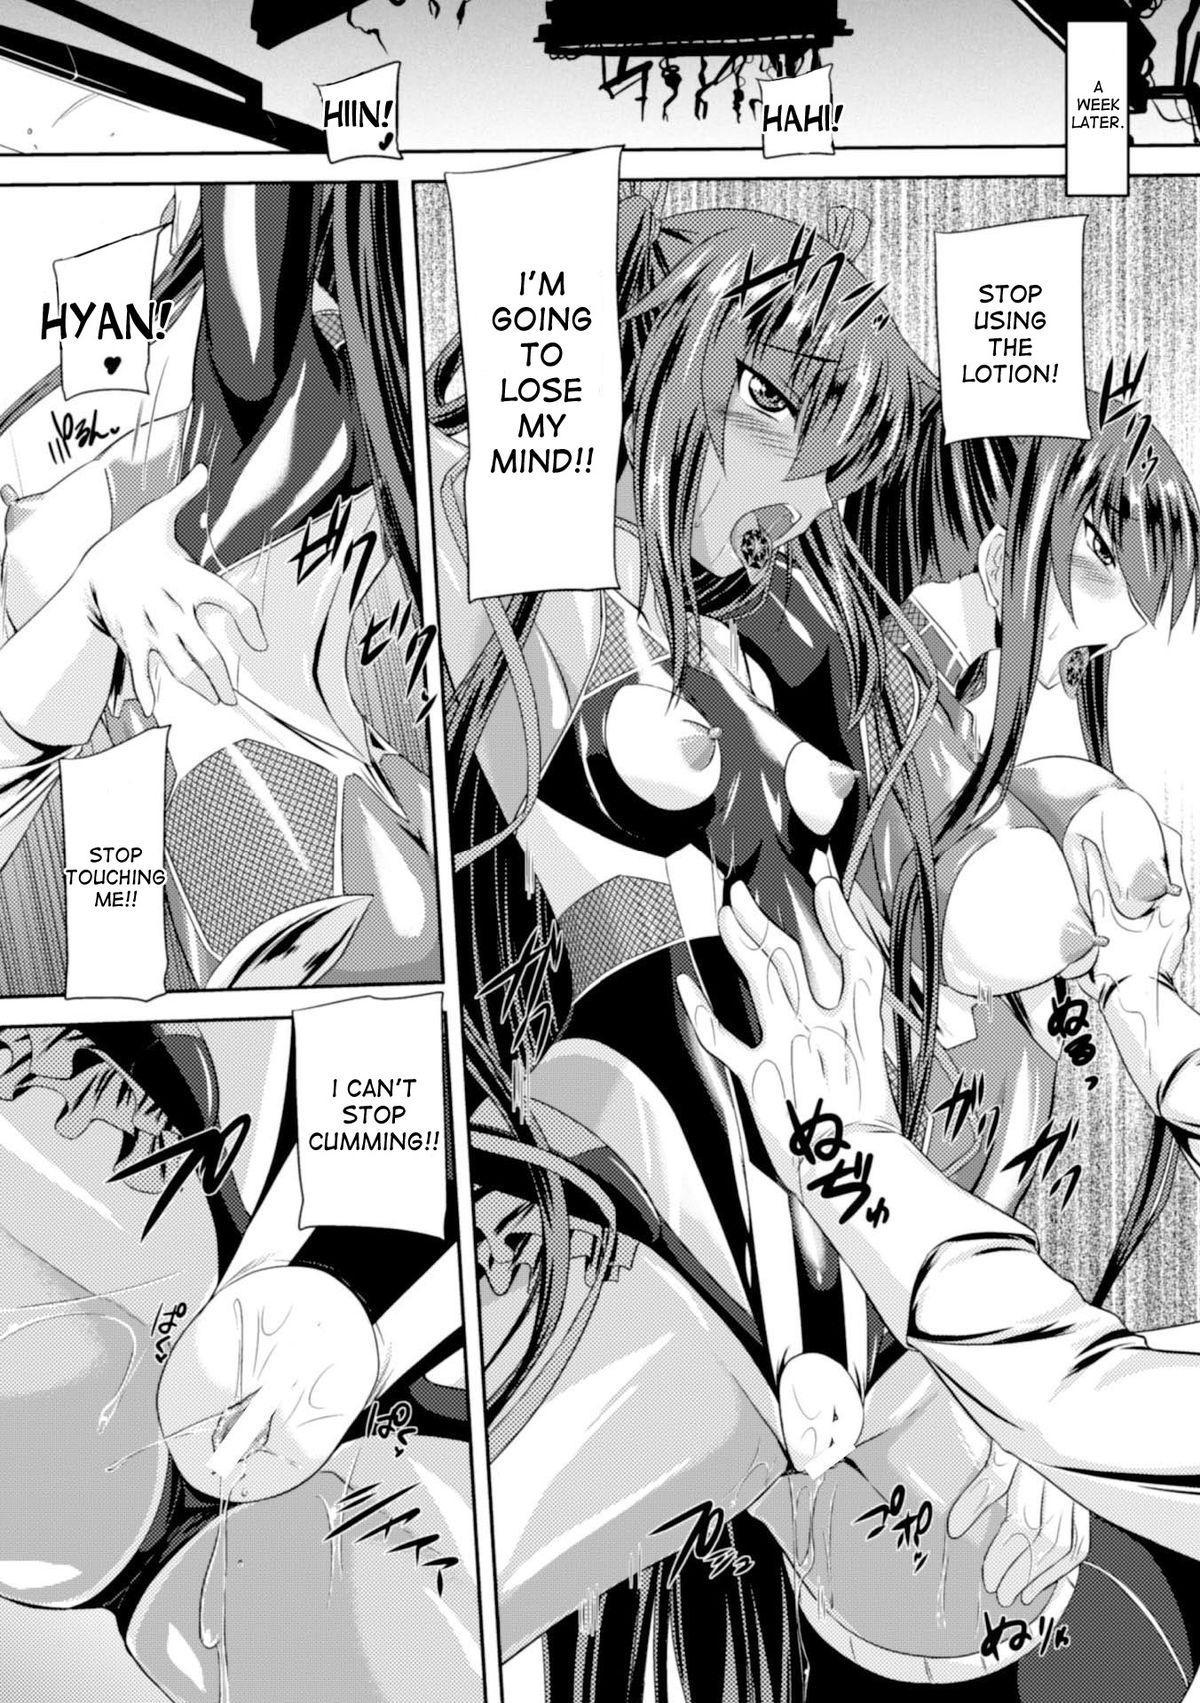 [Gonzaburo-] Taimanin Yukikaze - Taimanin wa Ingoku ni Shizumu #1-6 | Taimanin Yukikaze - Taimanin's fall into the lewd hell #1-5 [English] [desudesu] [Digital] 27